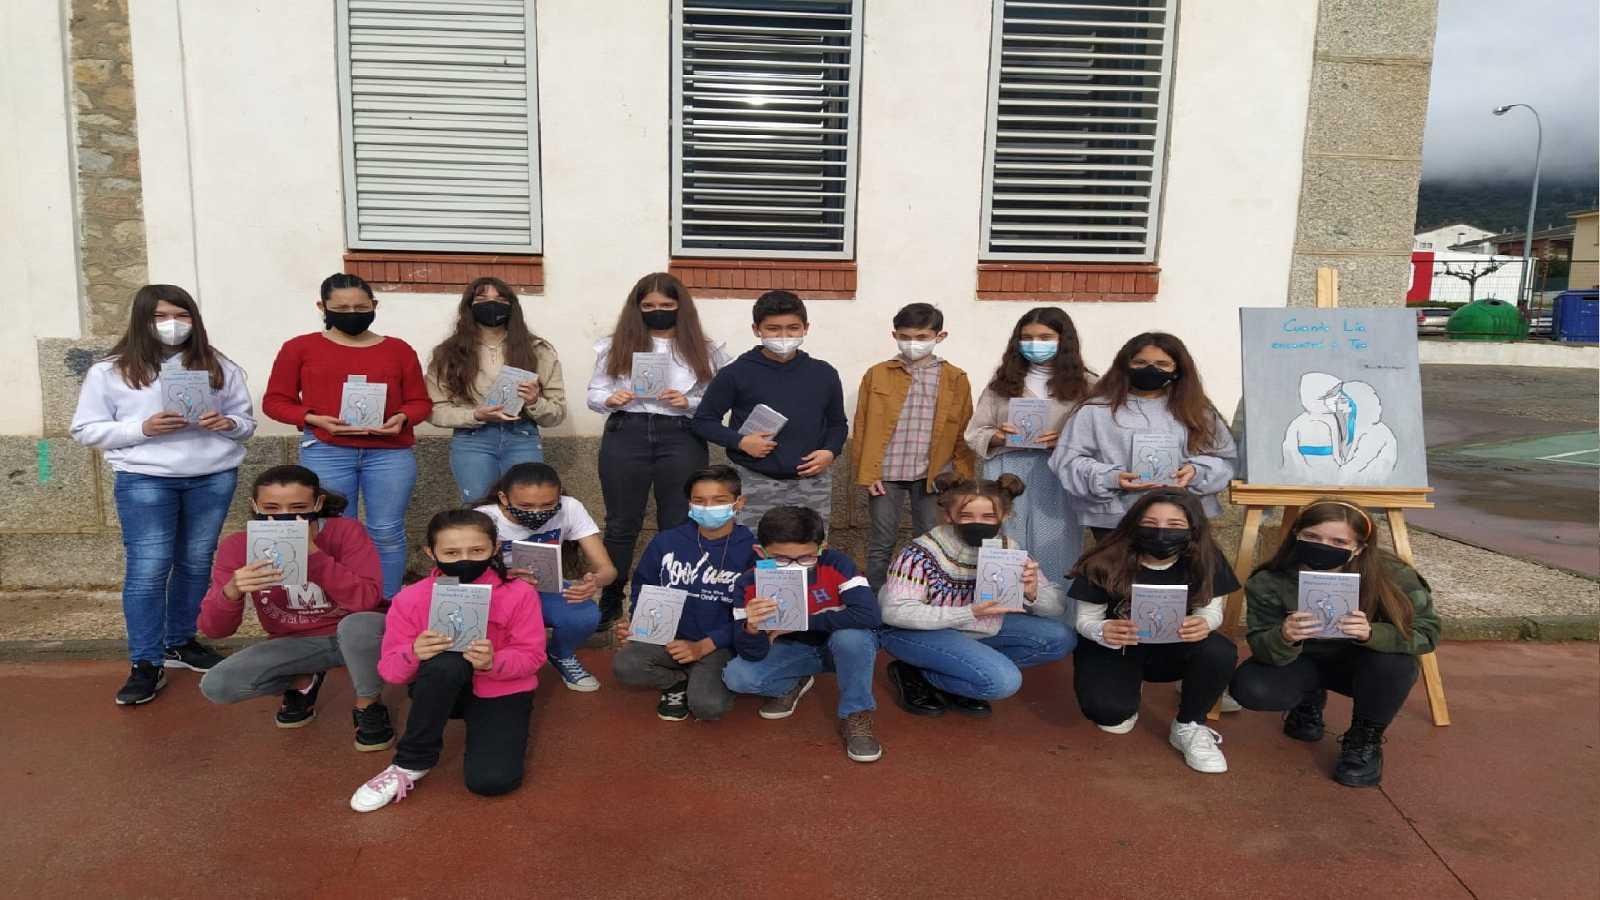 Reportajes Emisoras - Ávila - Ficción escolar en Cebreros - 23/04/21 - Escuchar ahora